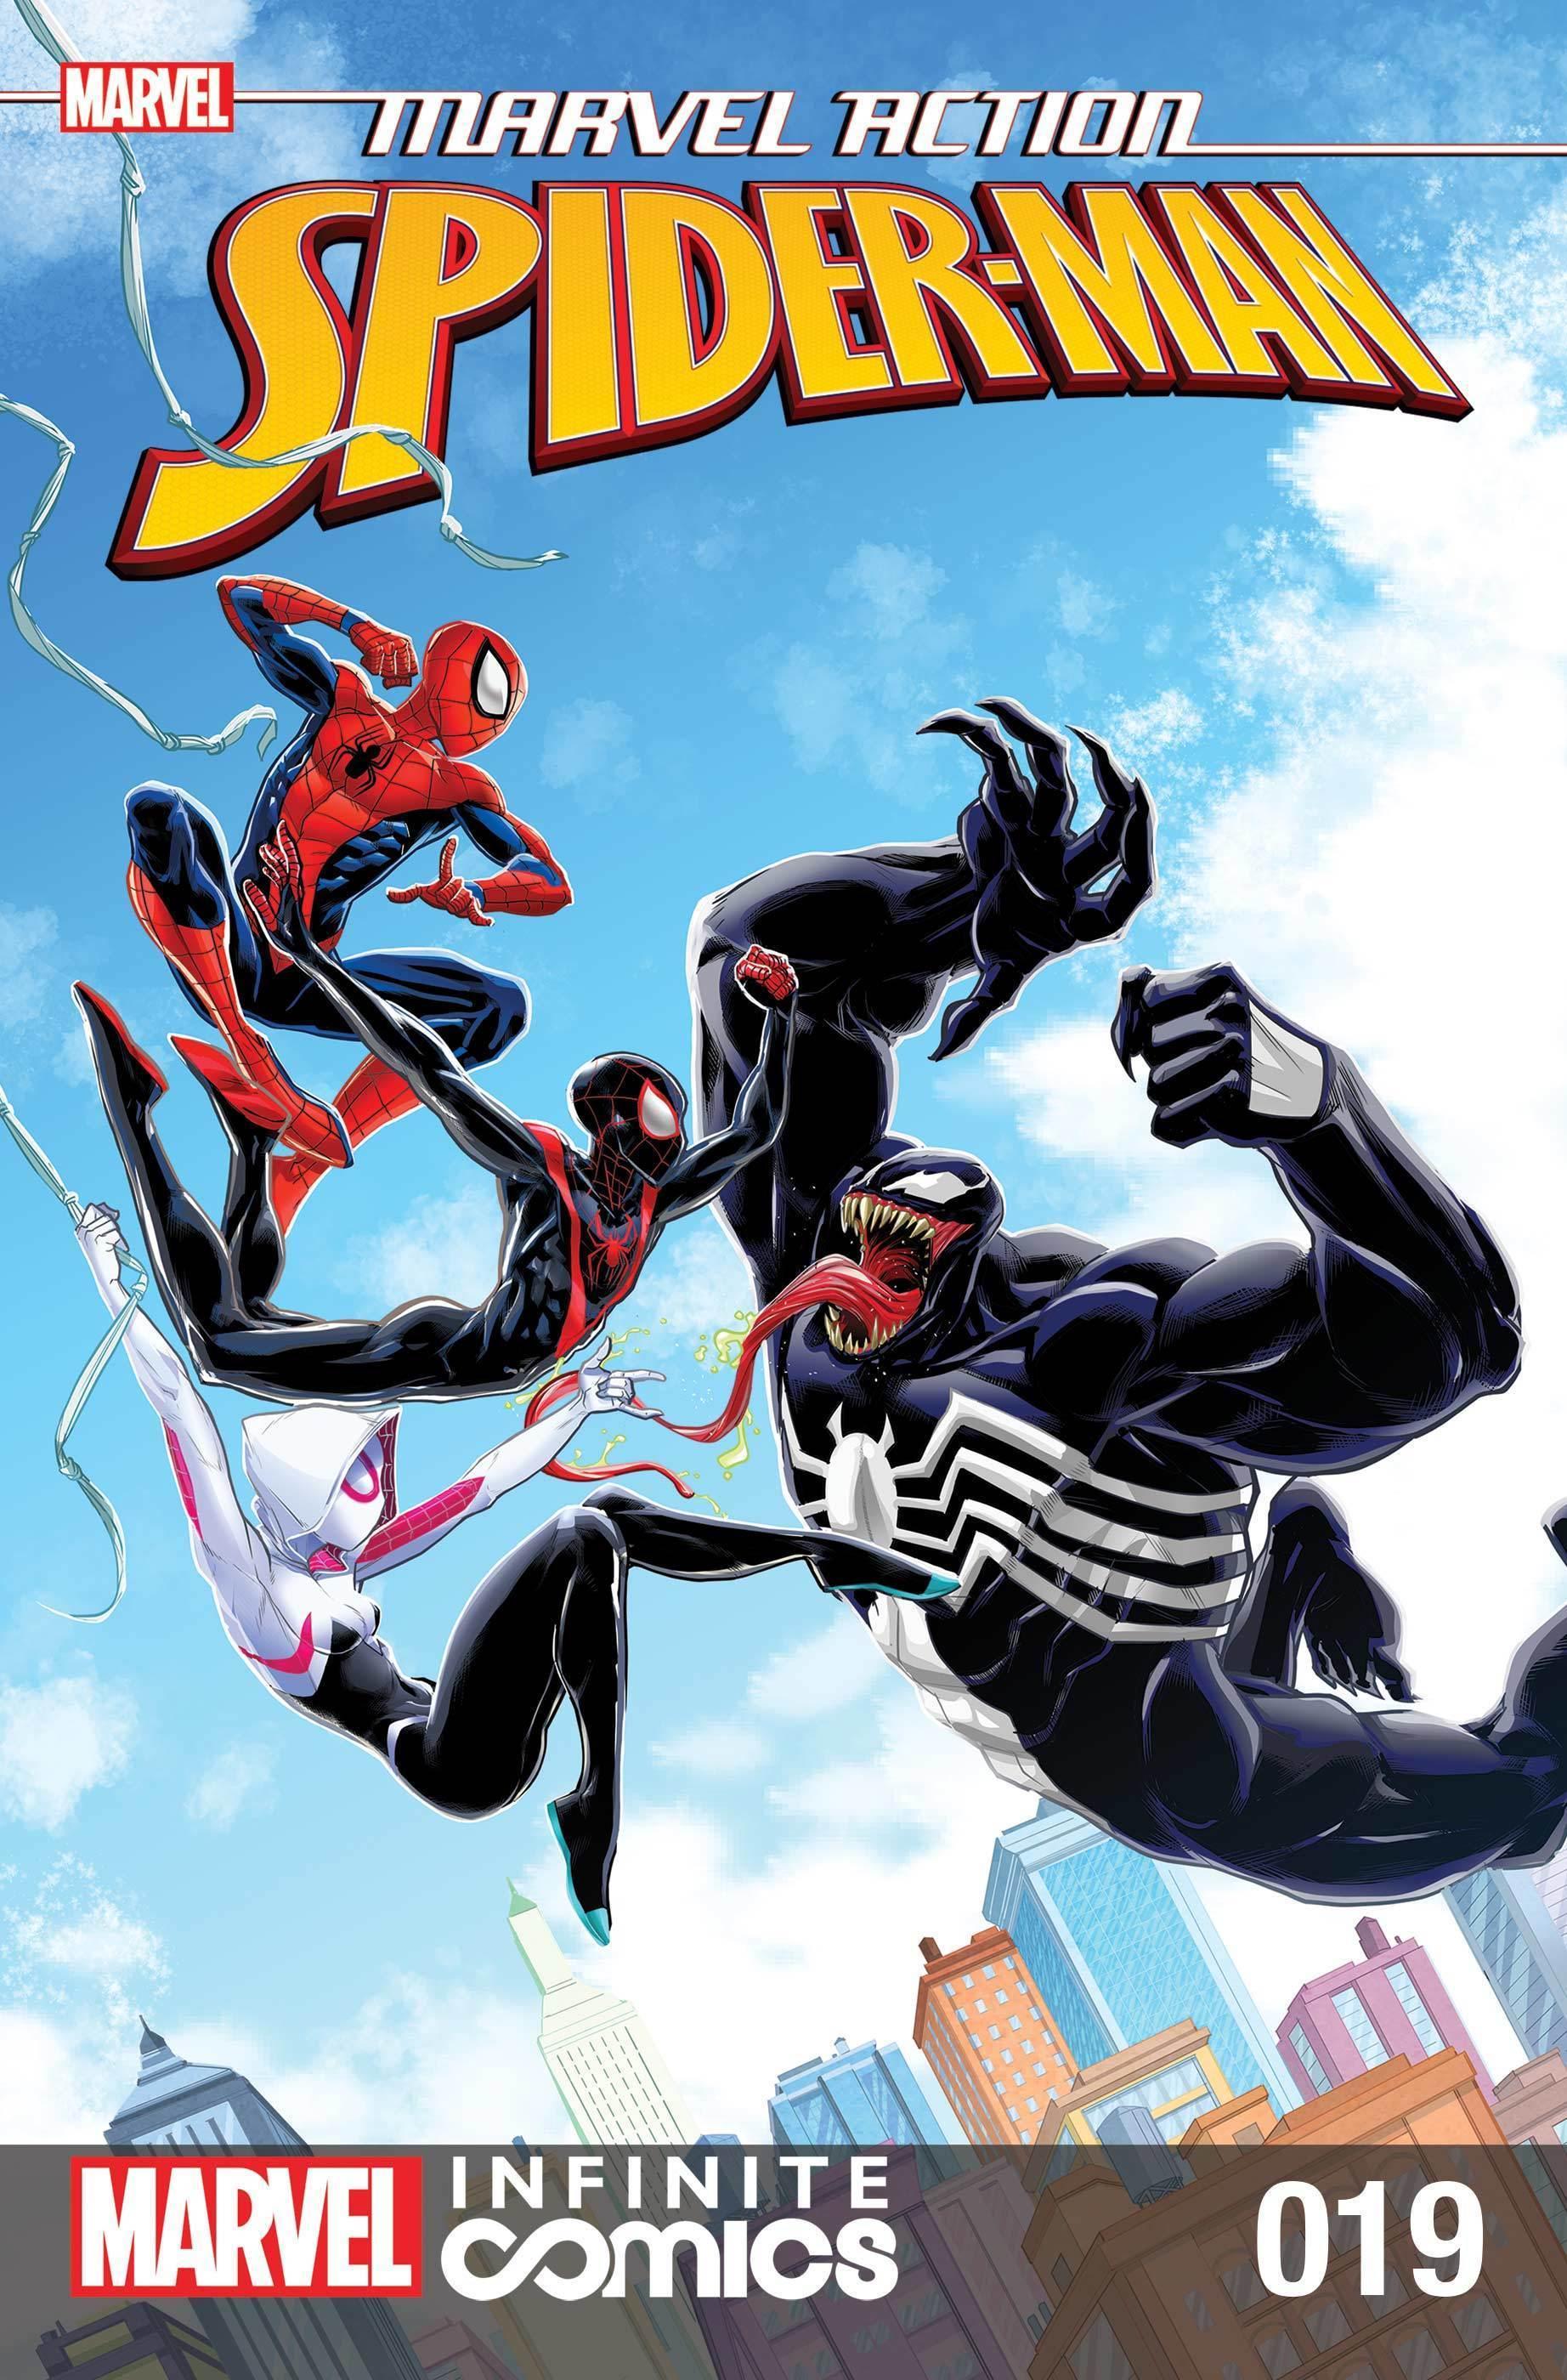 Marvel Action Spider-Man #19